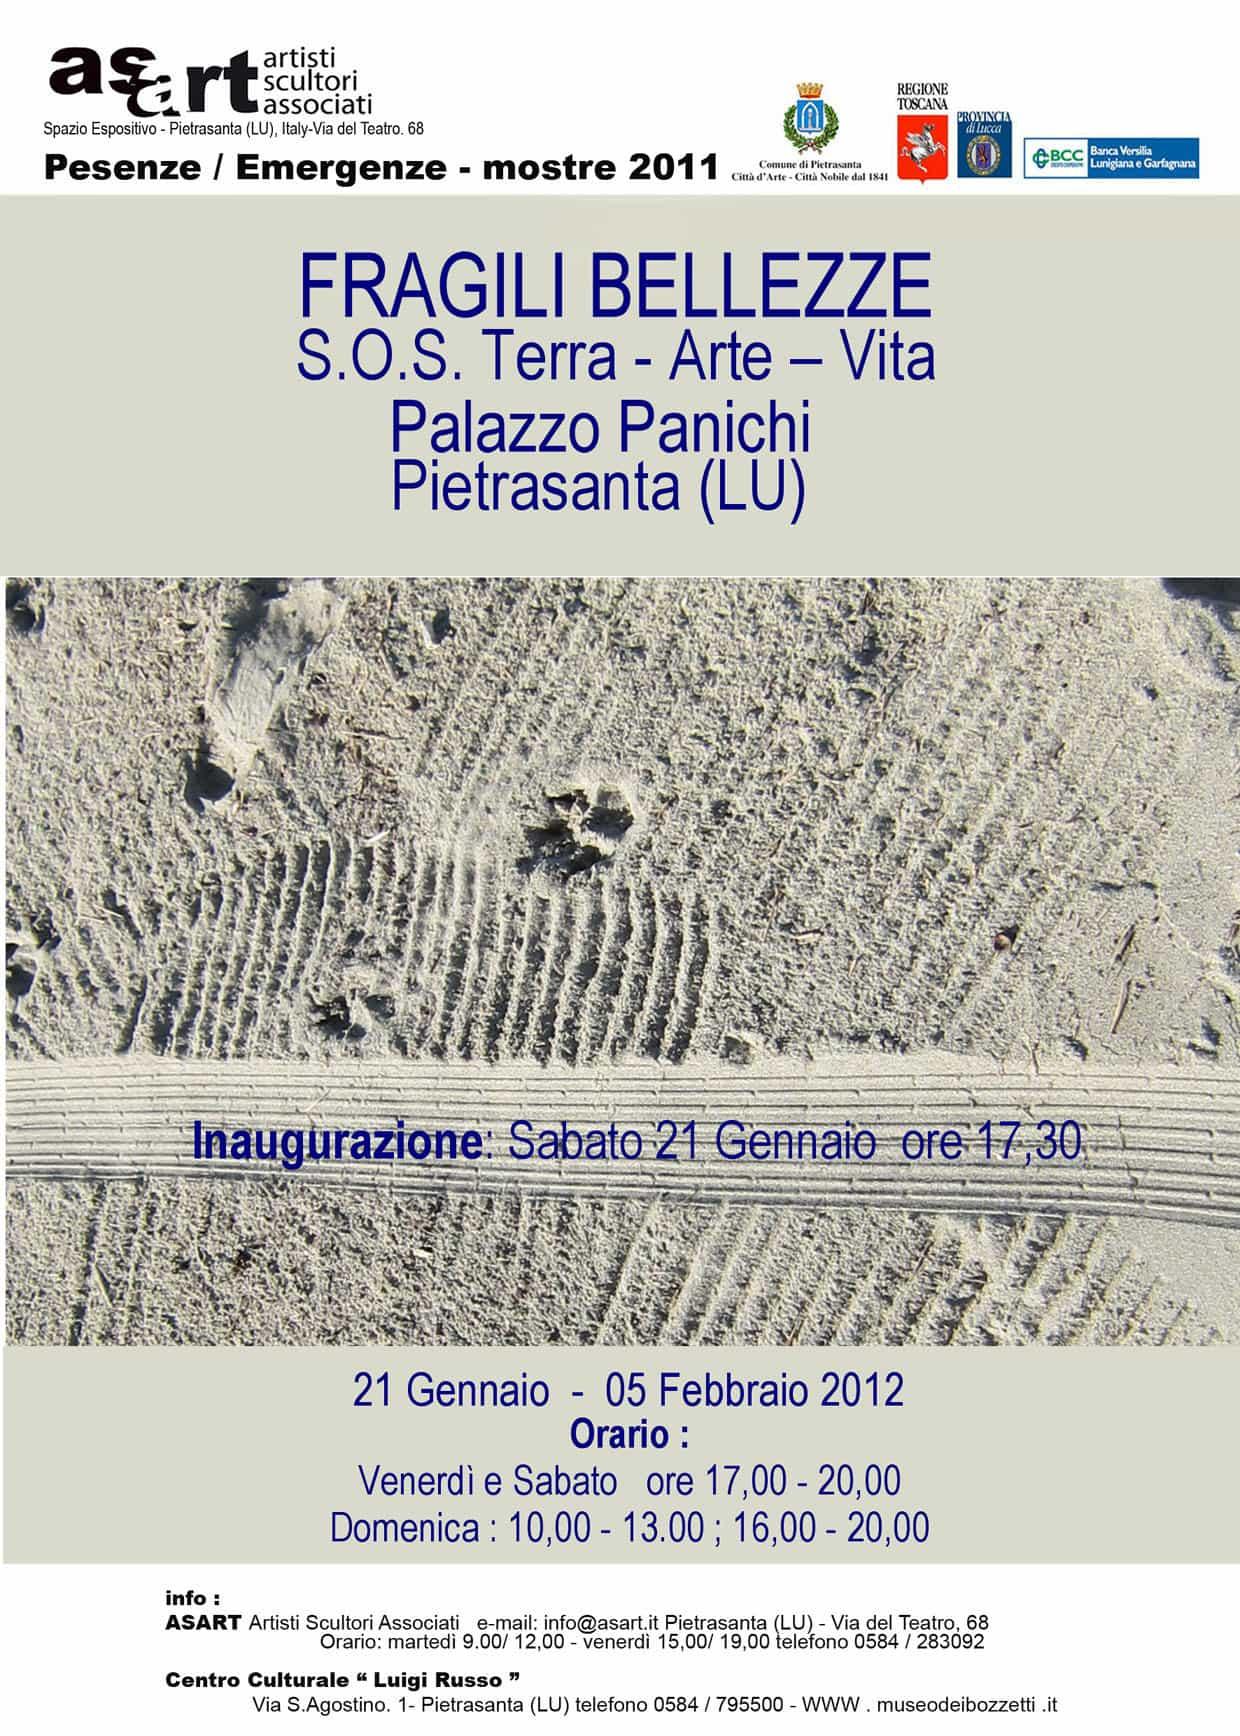 Fragili Bellezze – SOS Terra. Arte. Vita. Mostra collettiva dell' associazione ASART, Palazzo Panichi, Pietrasanta, Italia, gennaio – febbraio 2012